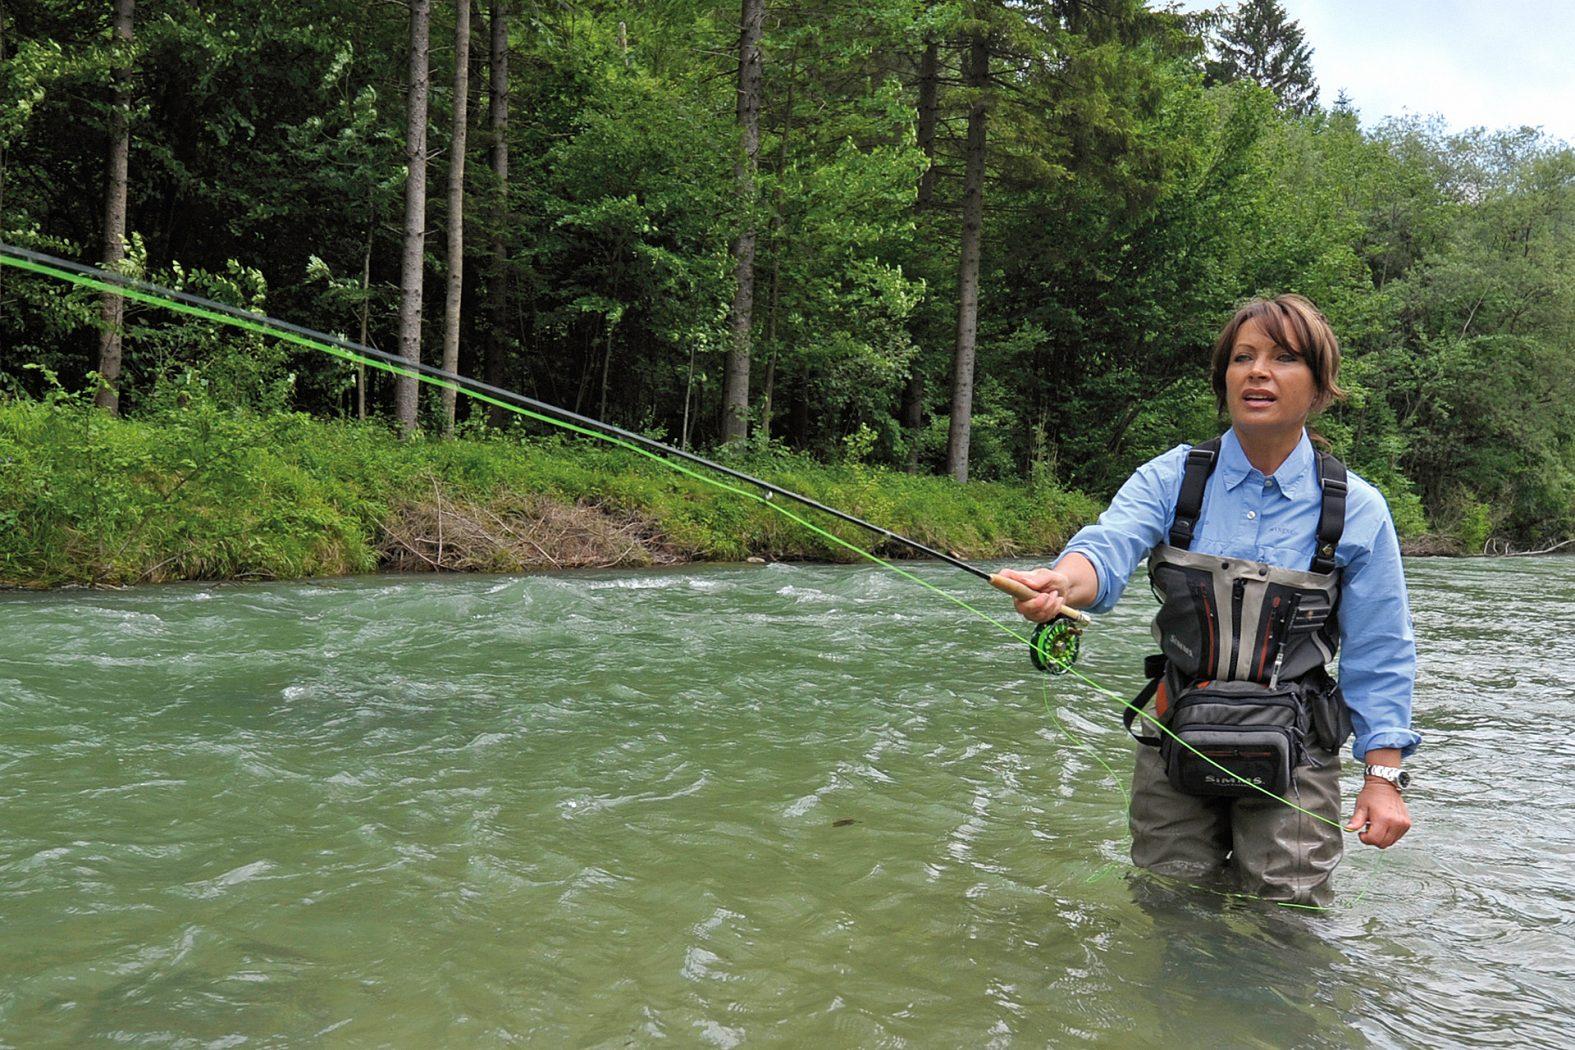 Fliegenrute und Fliegenrolle zum Streamerfischen